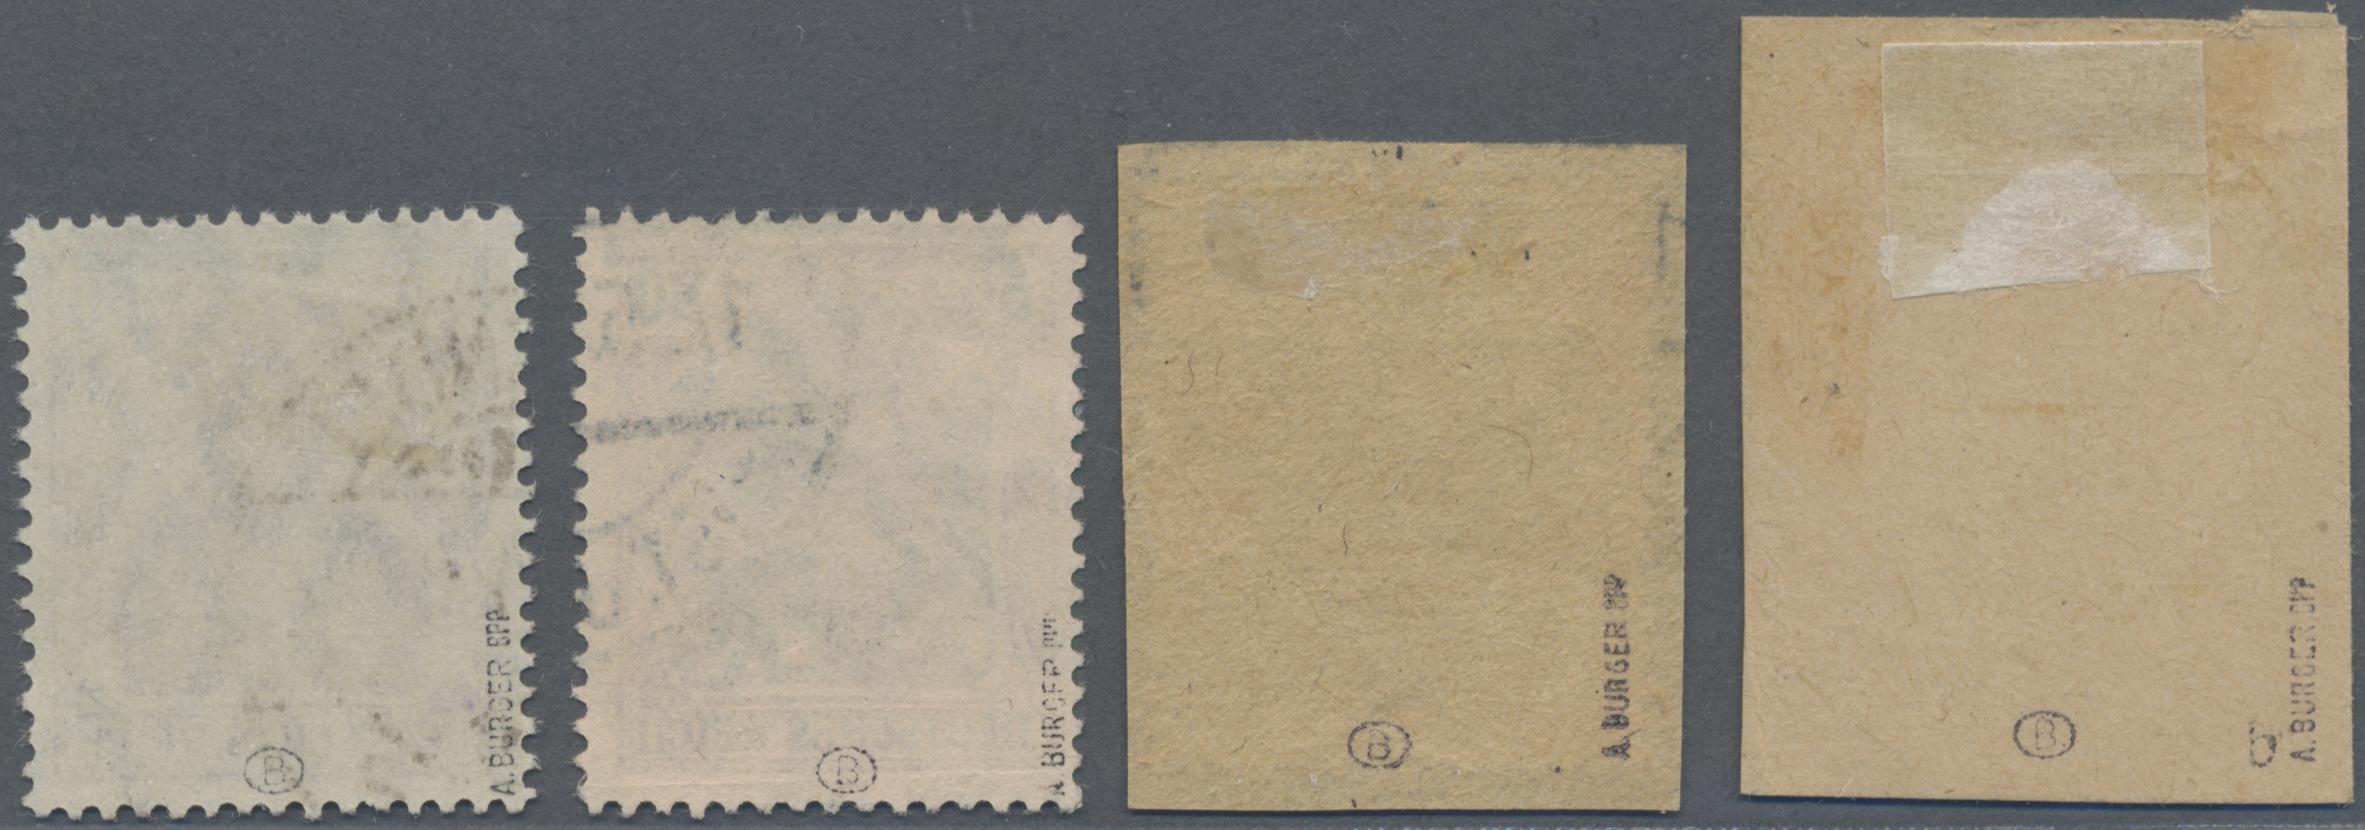 Lot 06573 - Deutsche Abstimmungsgebiete: Saargebiet  -  Auktionshaus Christoph Gärtner GmbH & Co. KG 51th Auction - Day 3